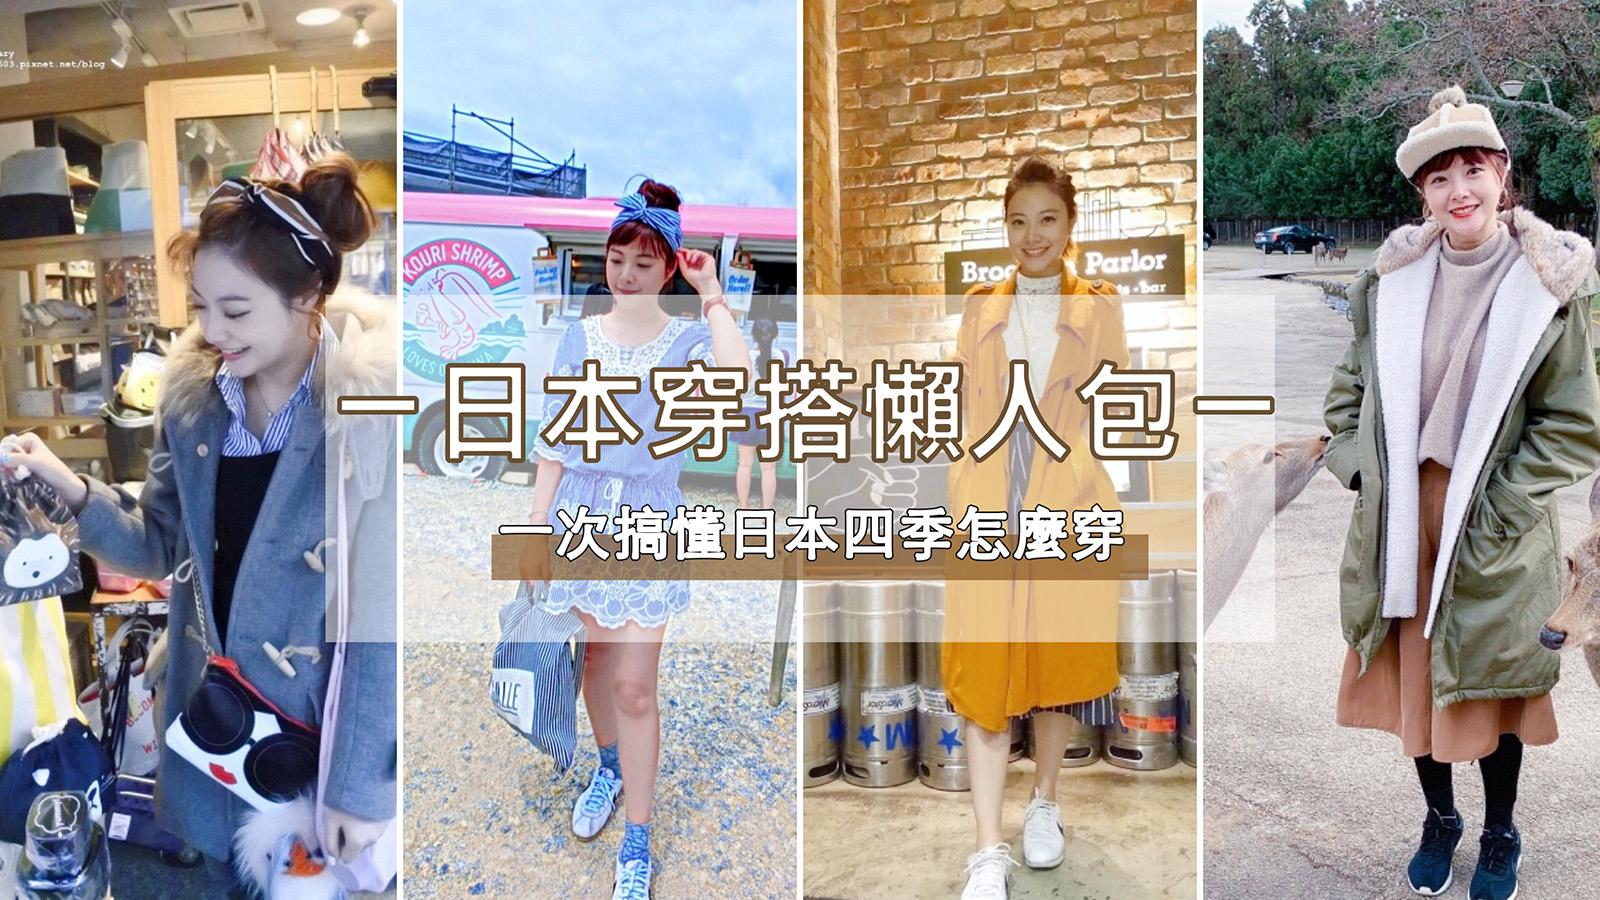 即時熱門文章:☆【2020更新:東京/大阪四季穿衣哲學】日本天氣如何?怎麼穿衣服?年度穿搭術這篇一次報告完畢!